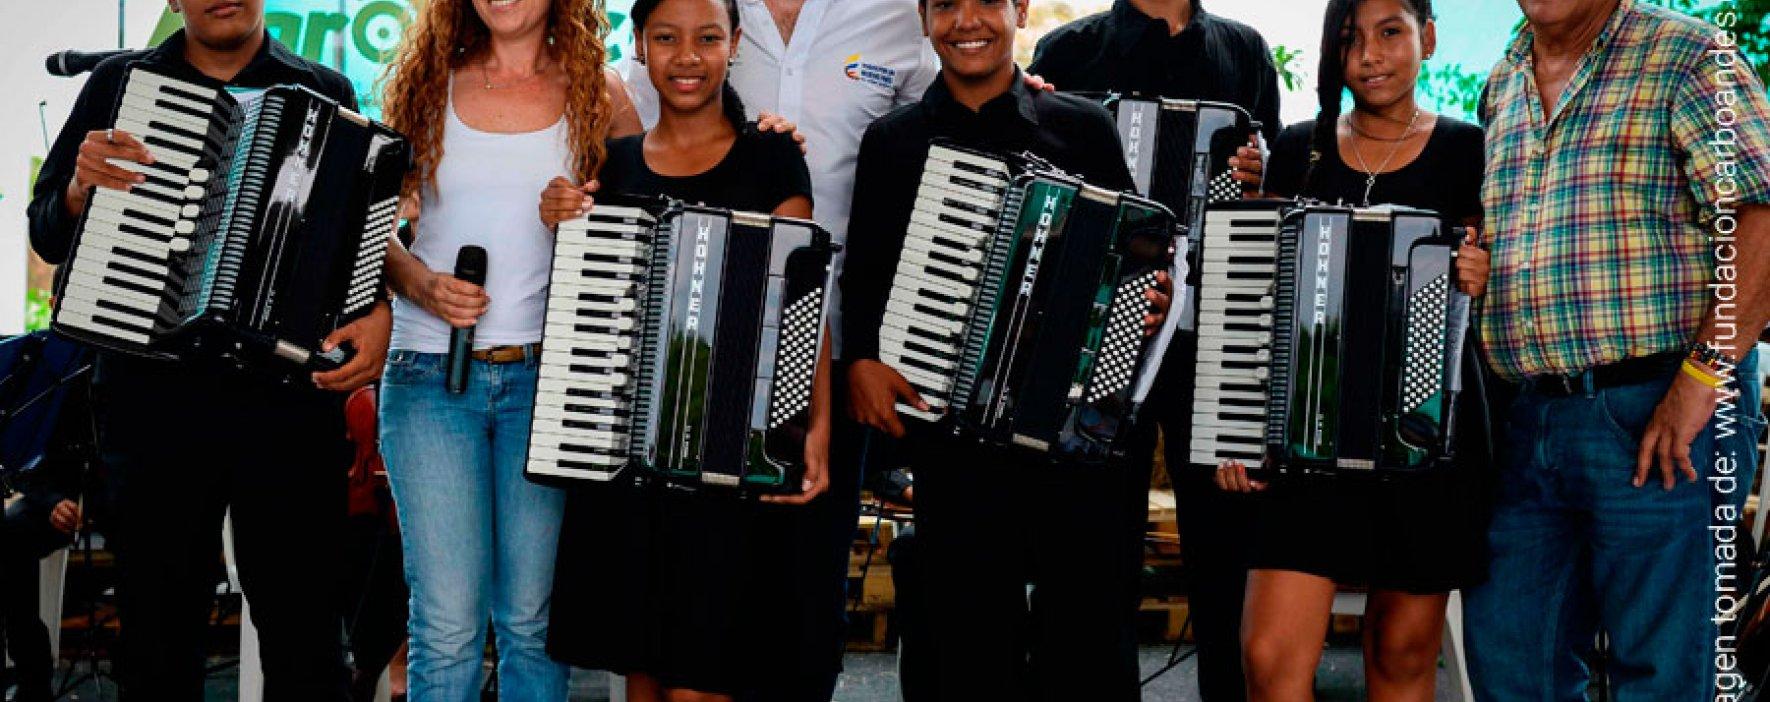 Fundación Carboandes: 10 años trabajando por la paz